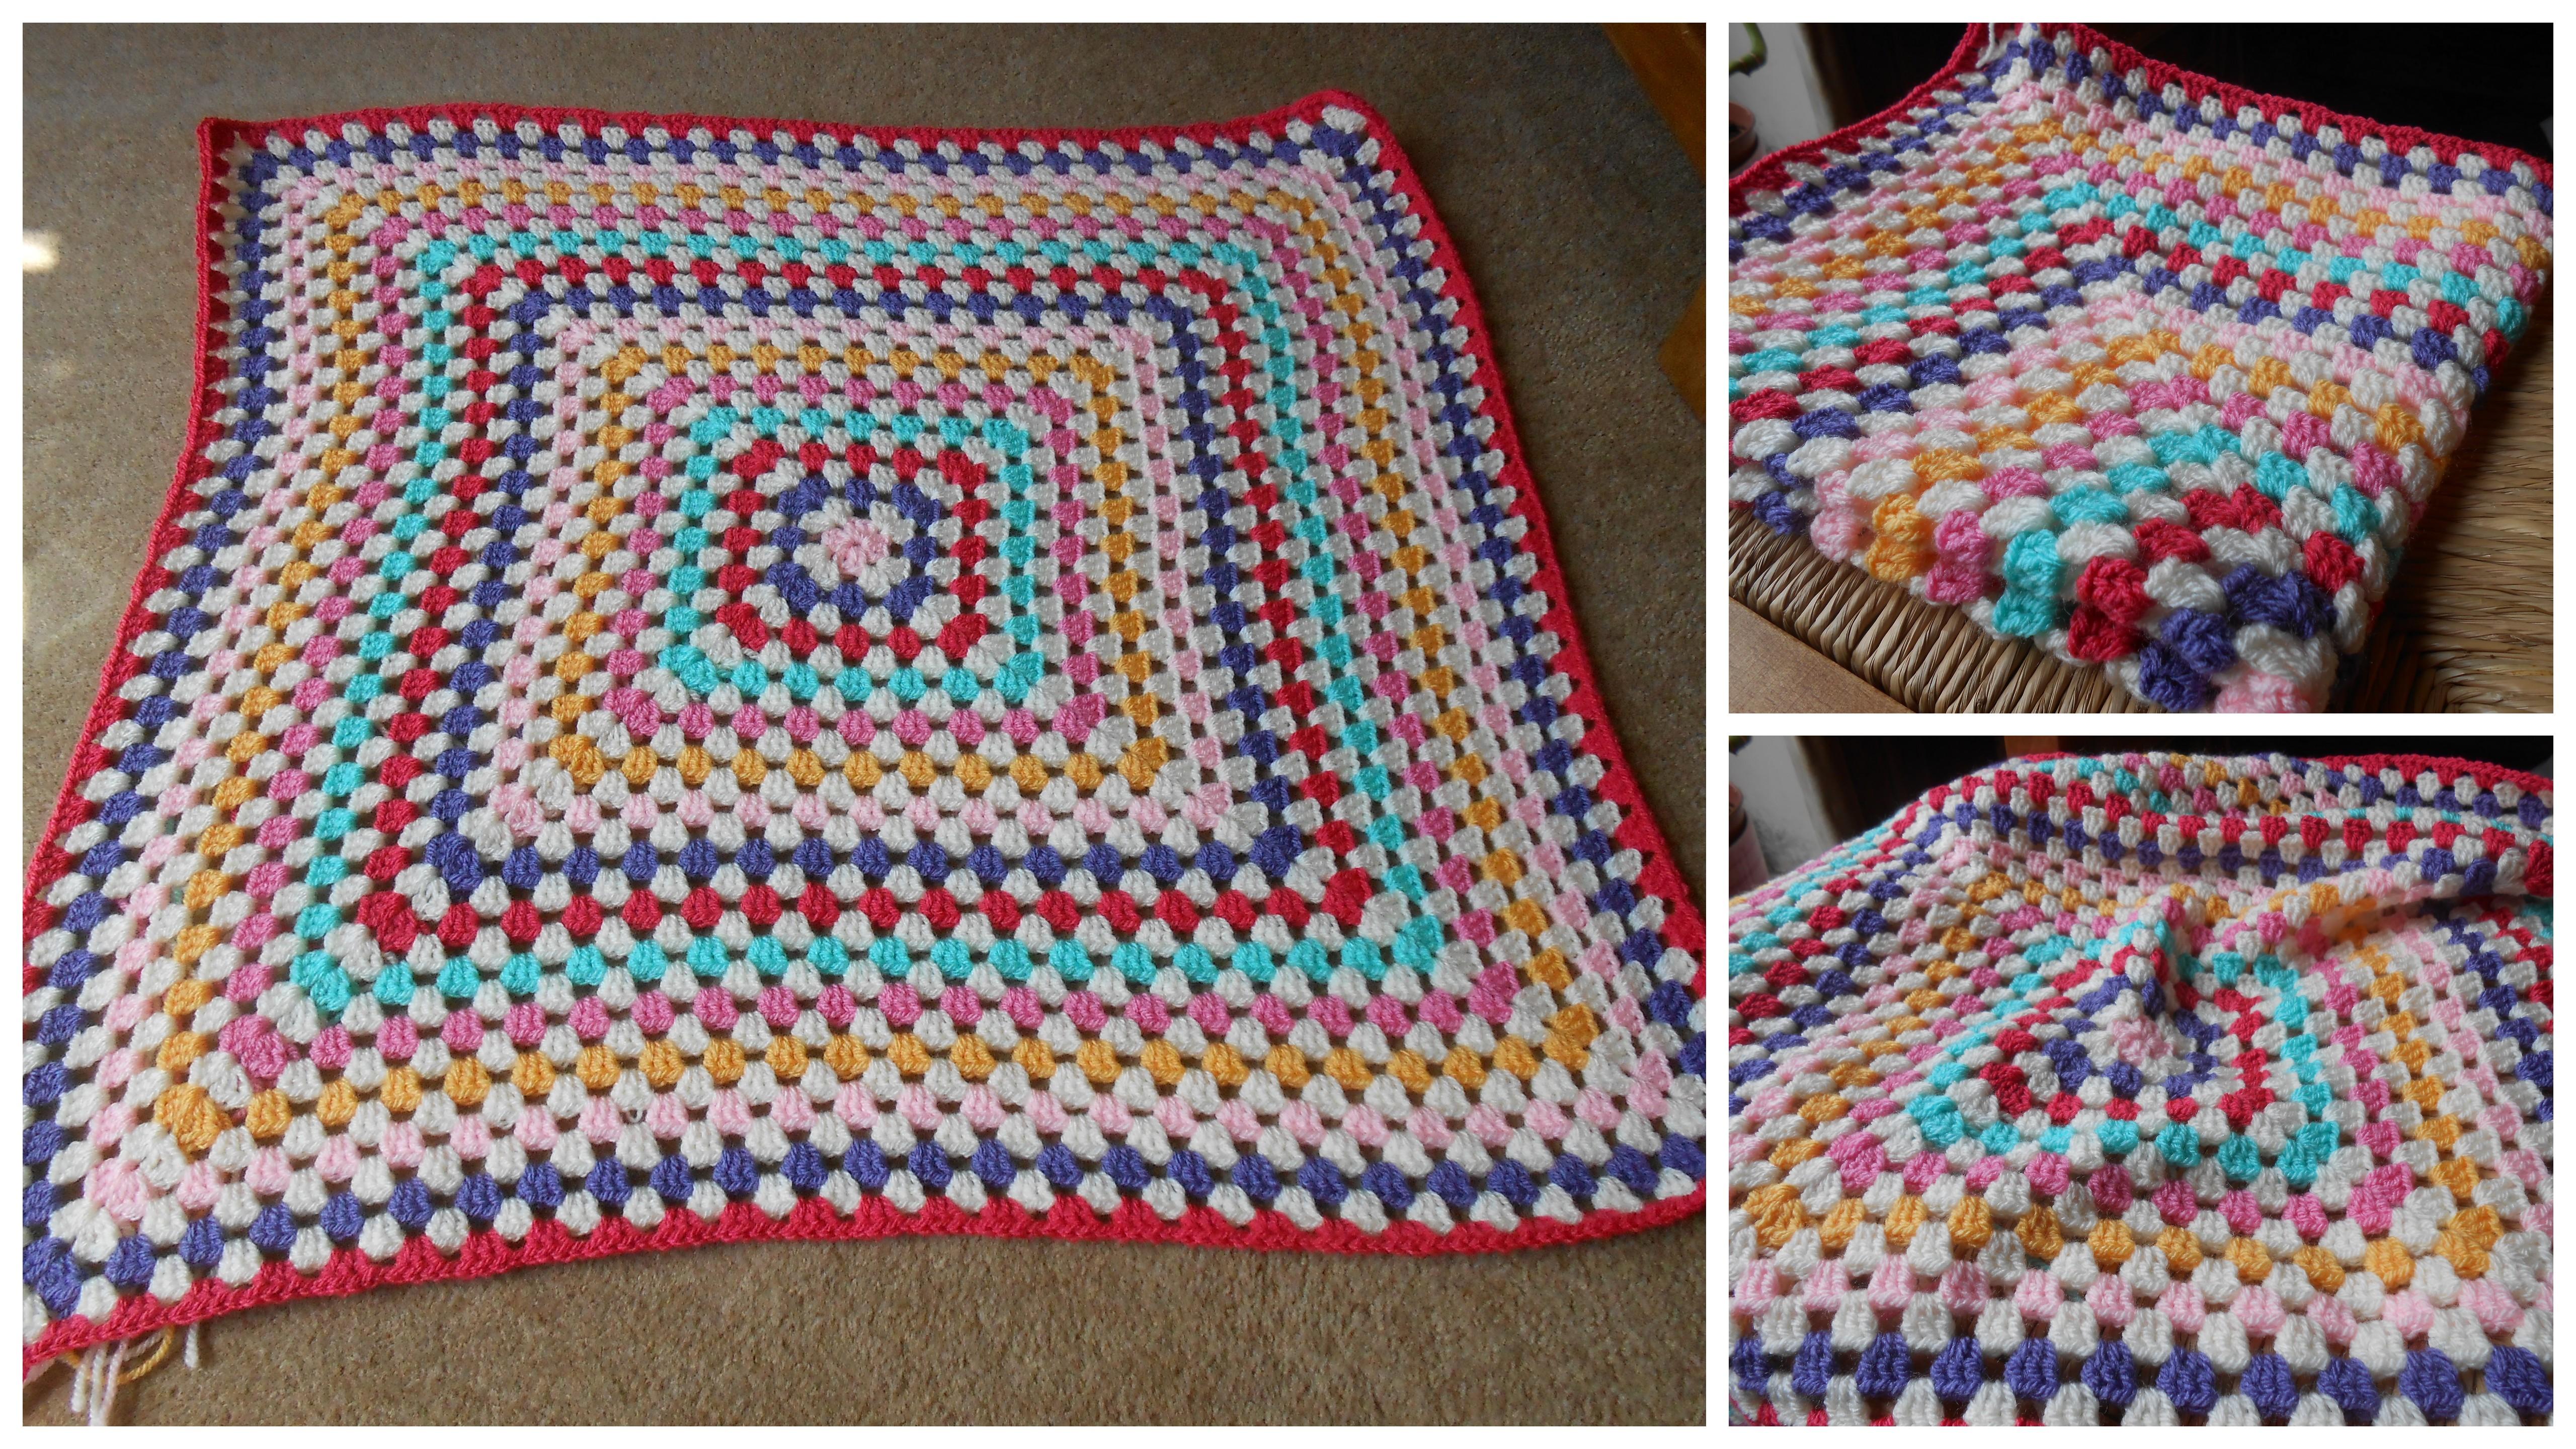 Granny Square Blanket Cuteasabutton82